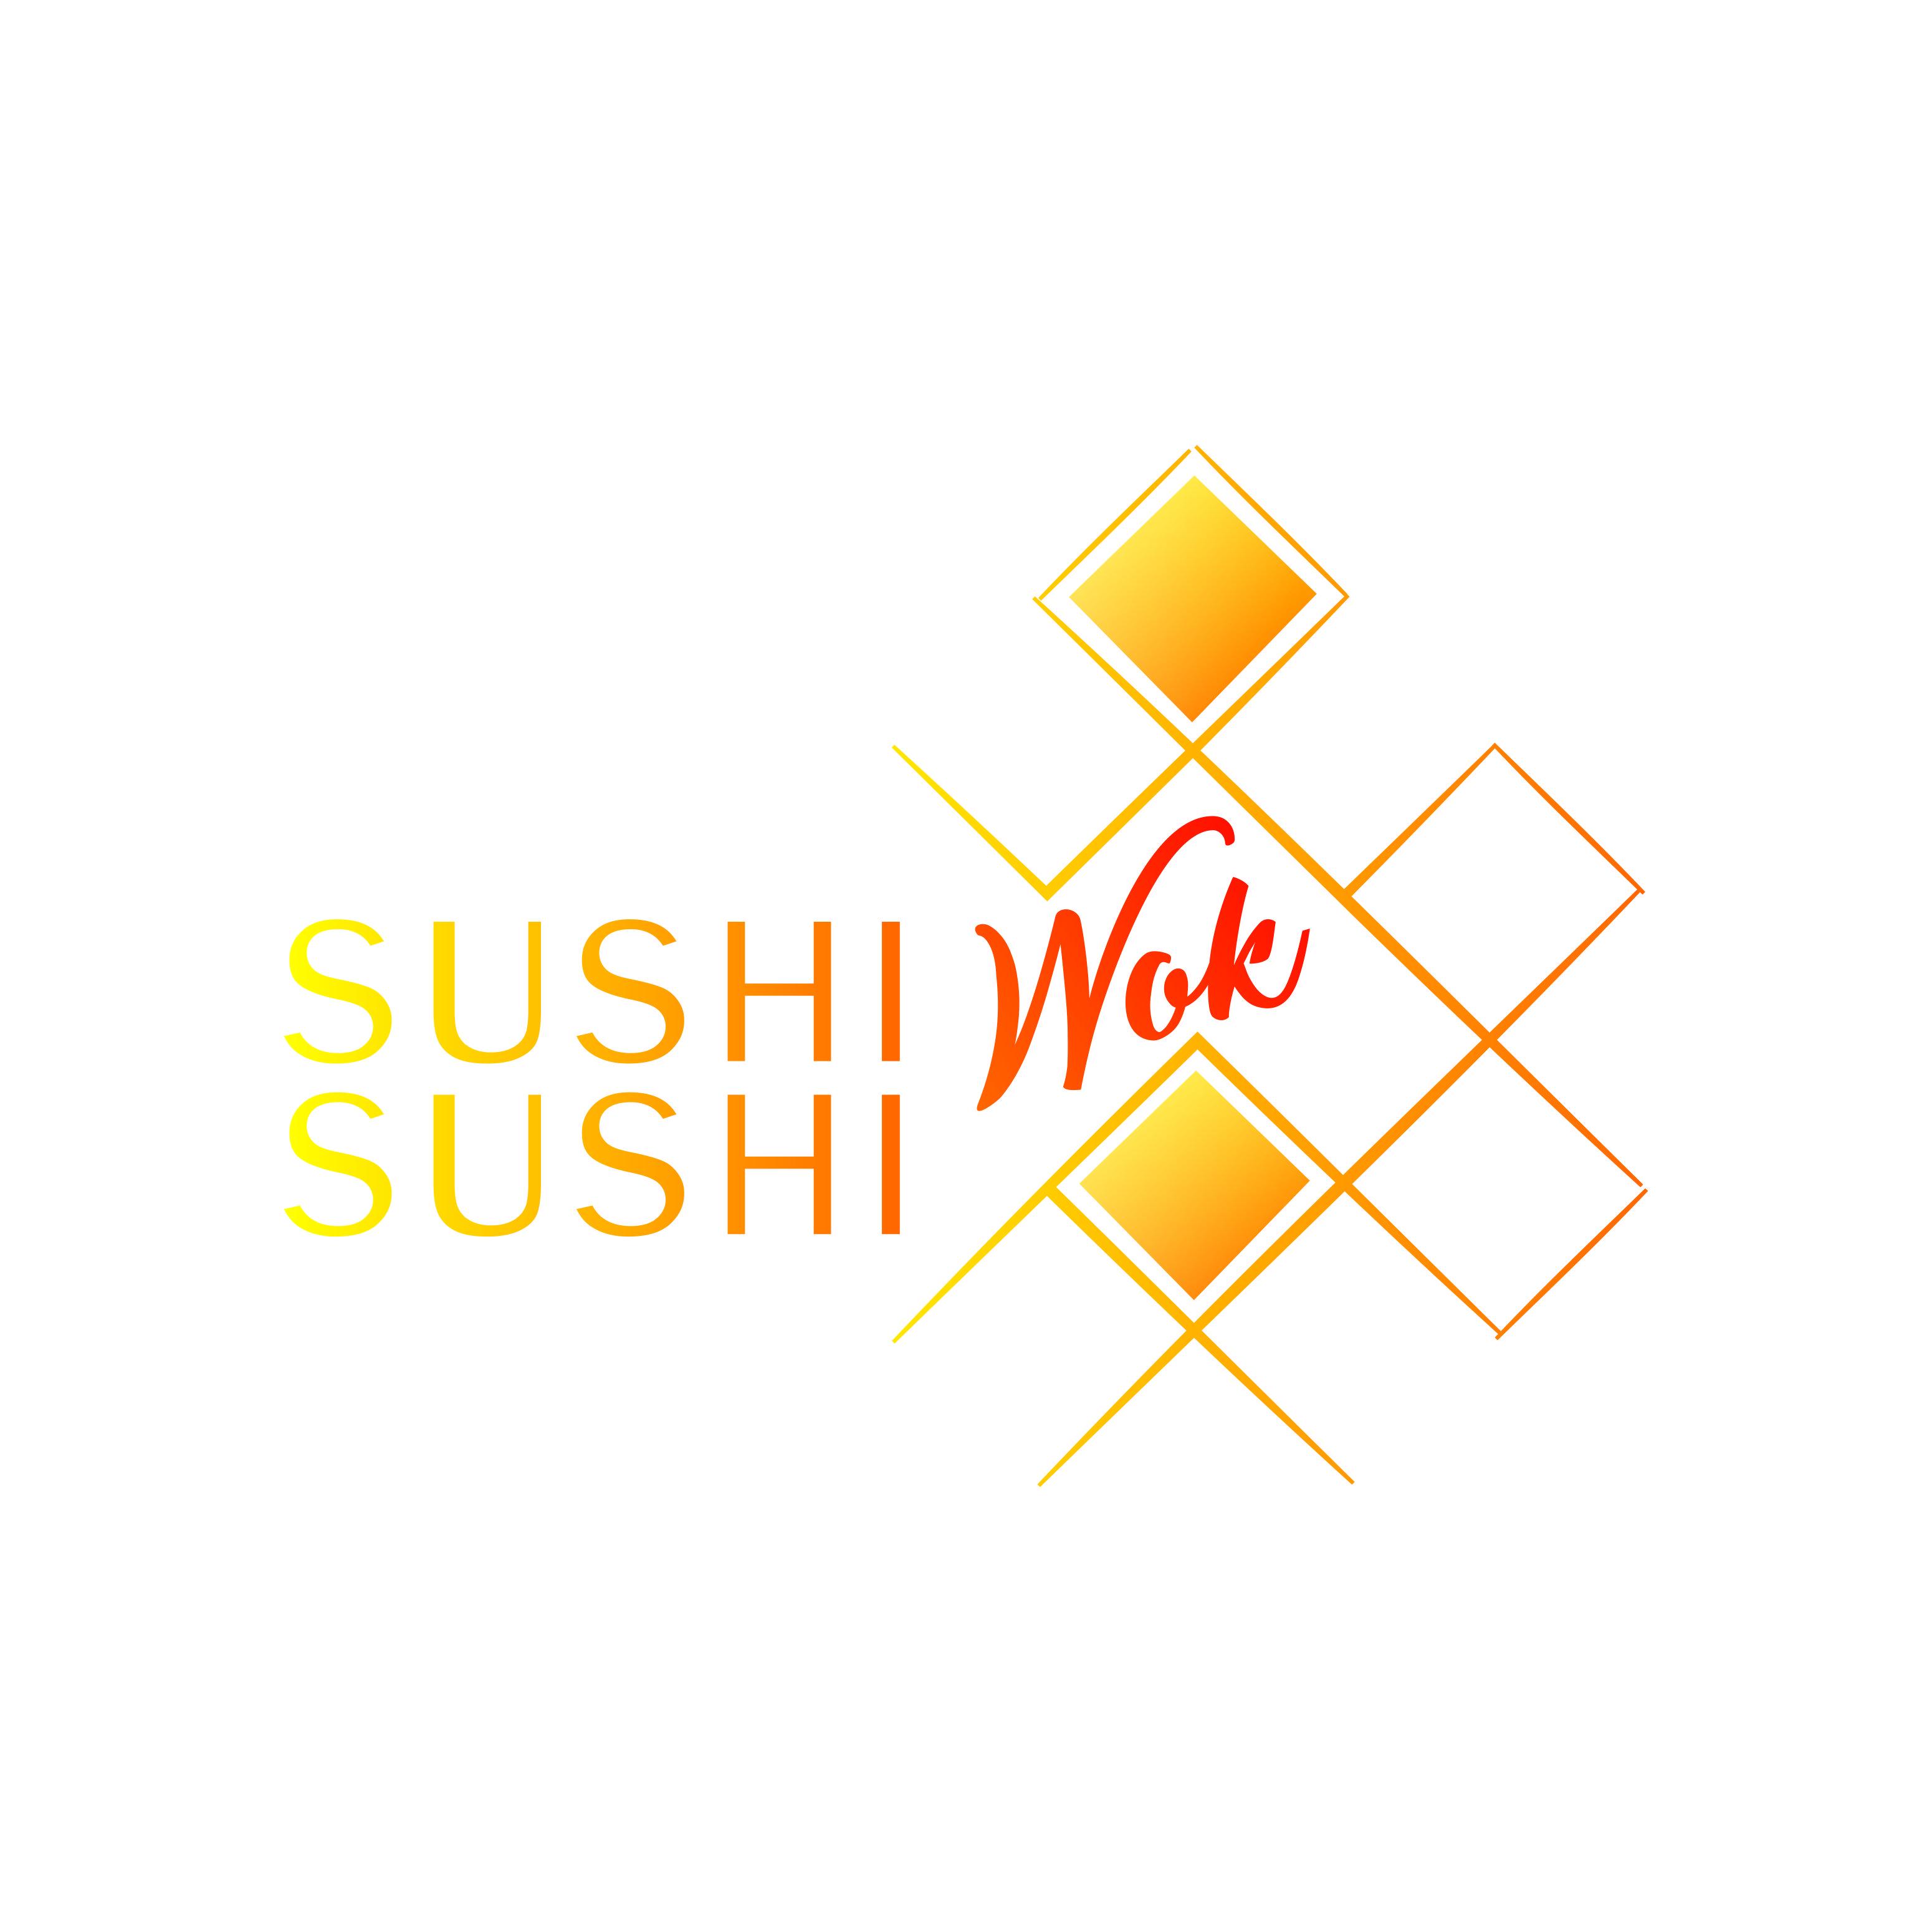 Sushi  sushi Wok